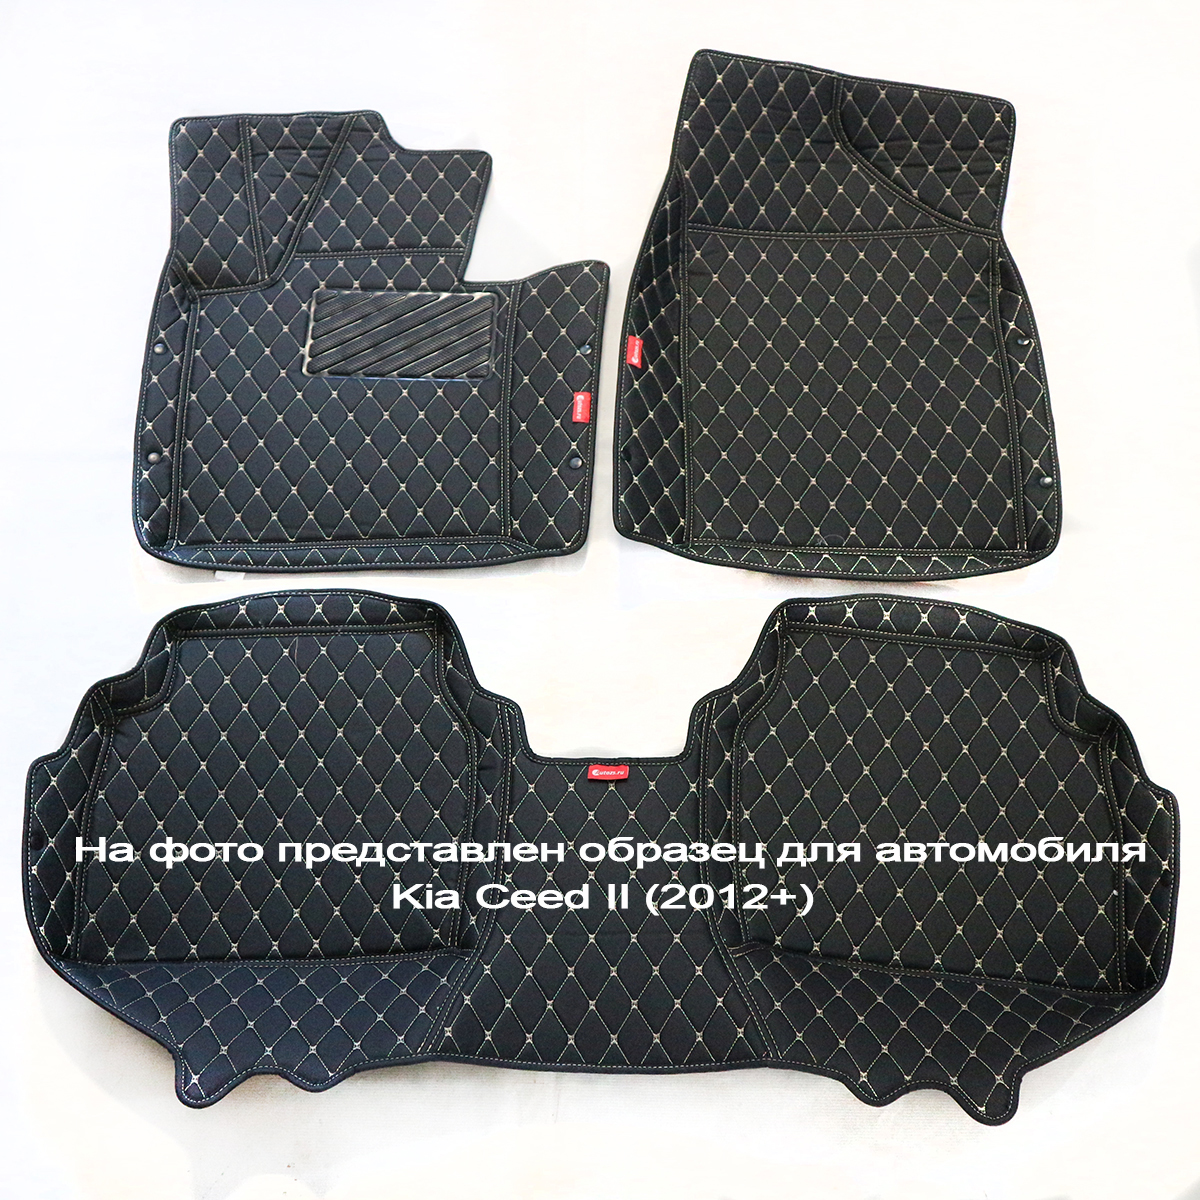 Кожаные коврики для Volkswagen Passat B8 Седан (2014+)Автомобильные кожаные коврики<br>Черные...<br>